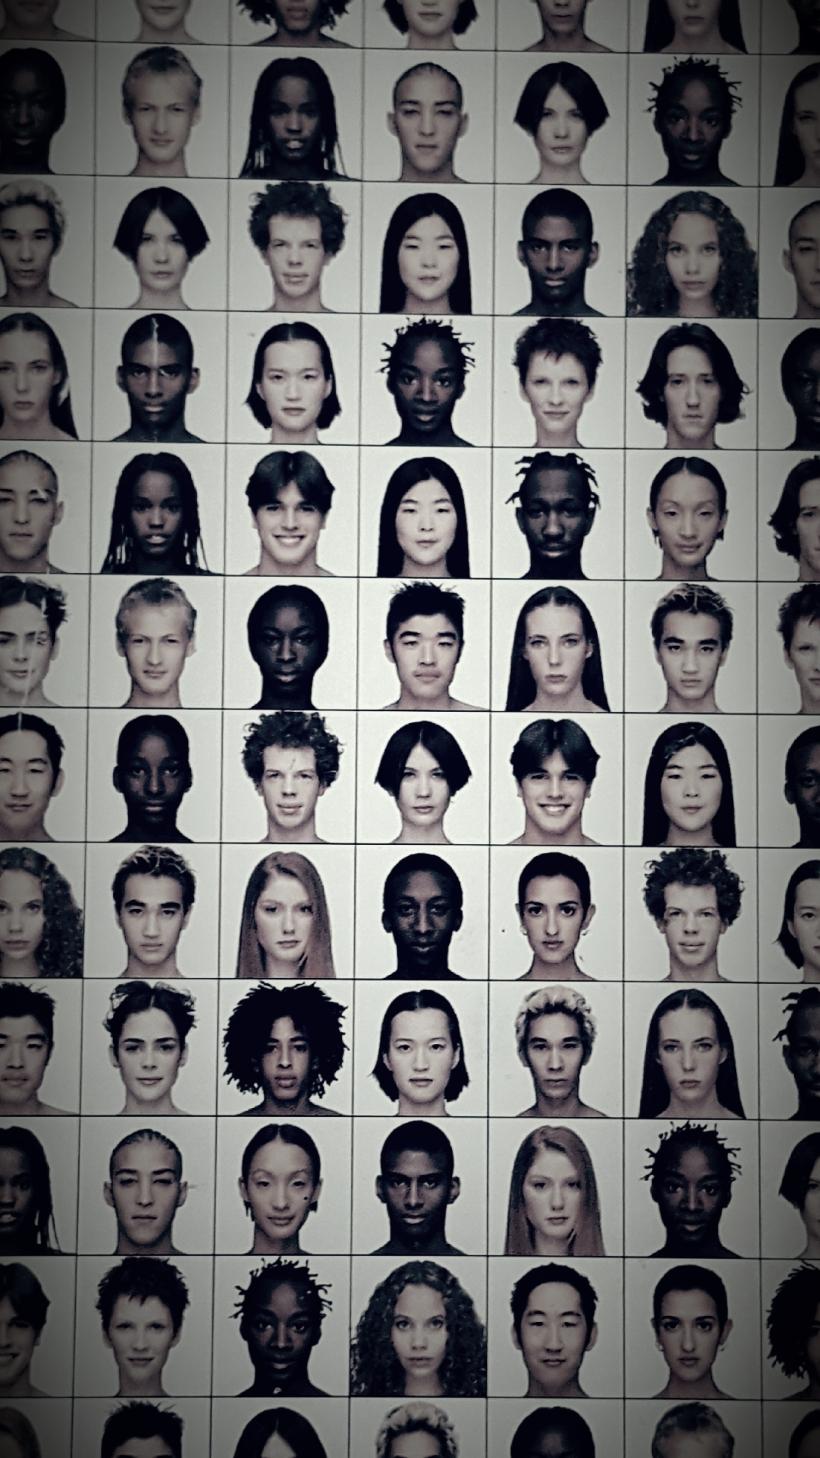 #Vorurteile; #Zwischenmenschliches; 'Menschen; #Begegnungen